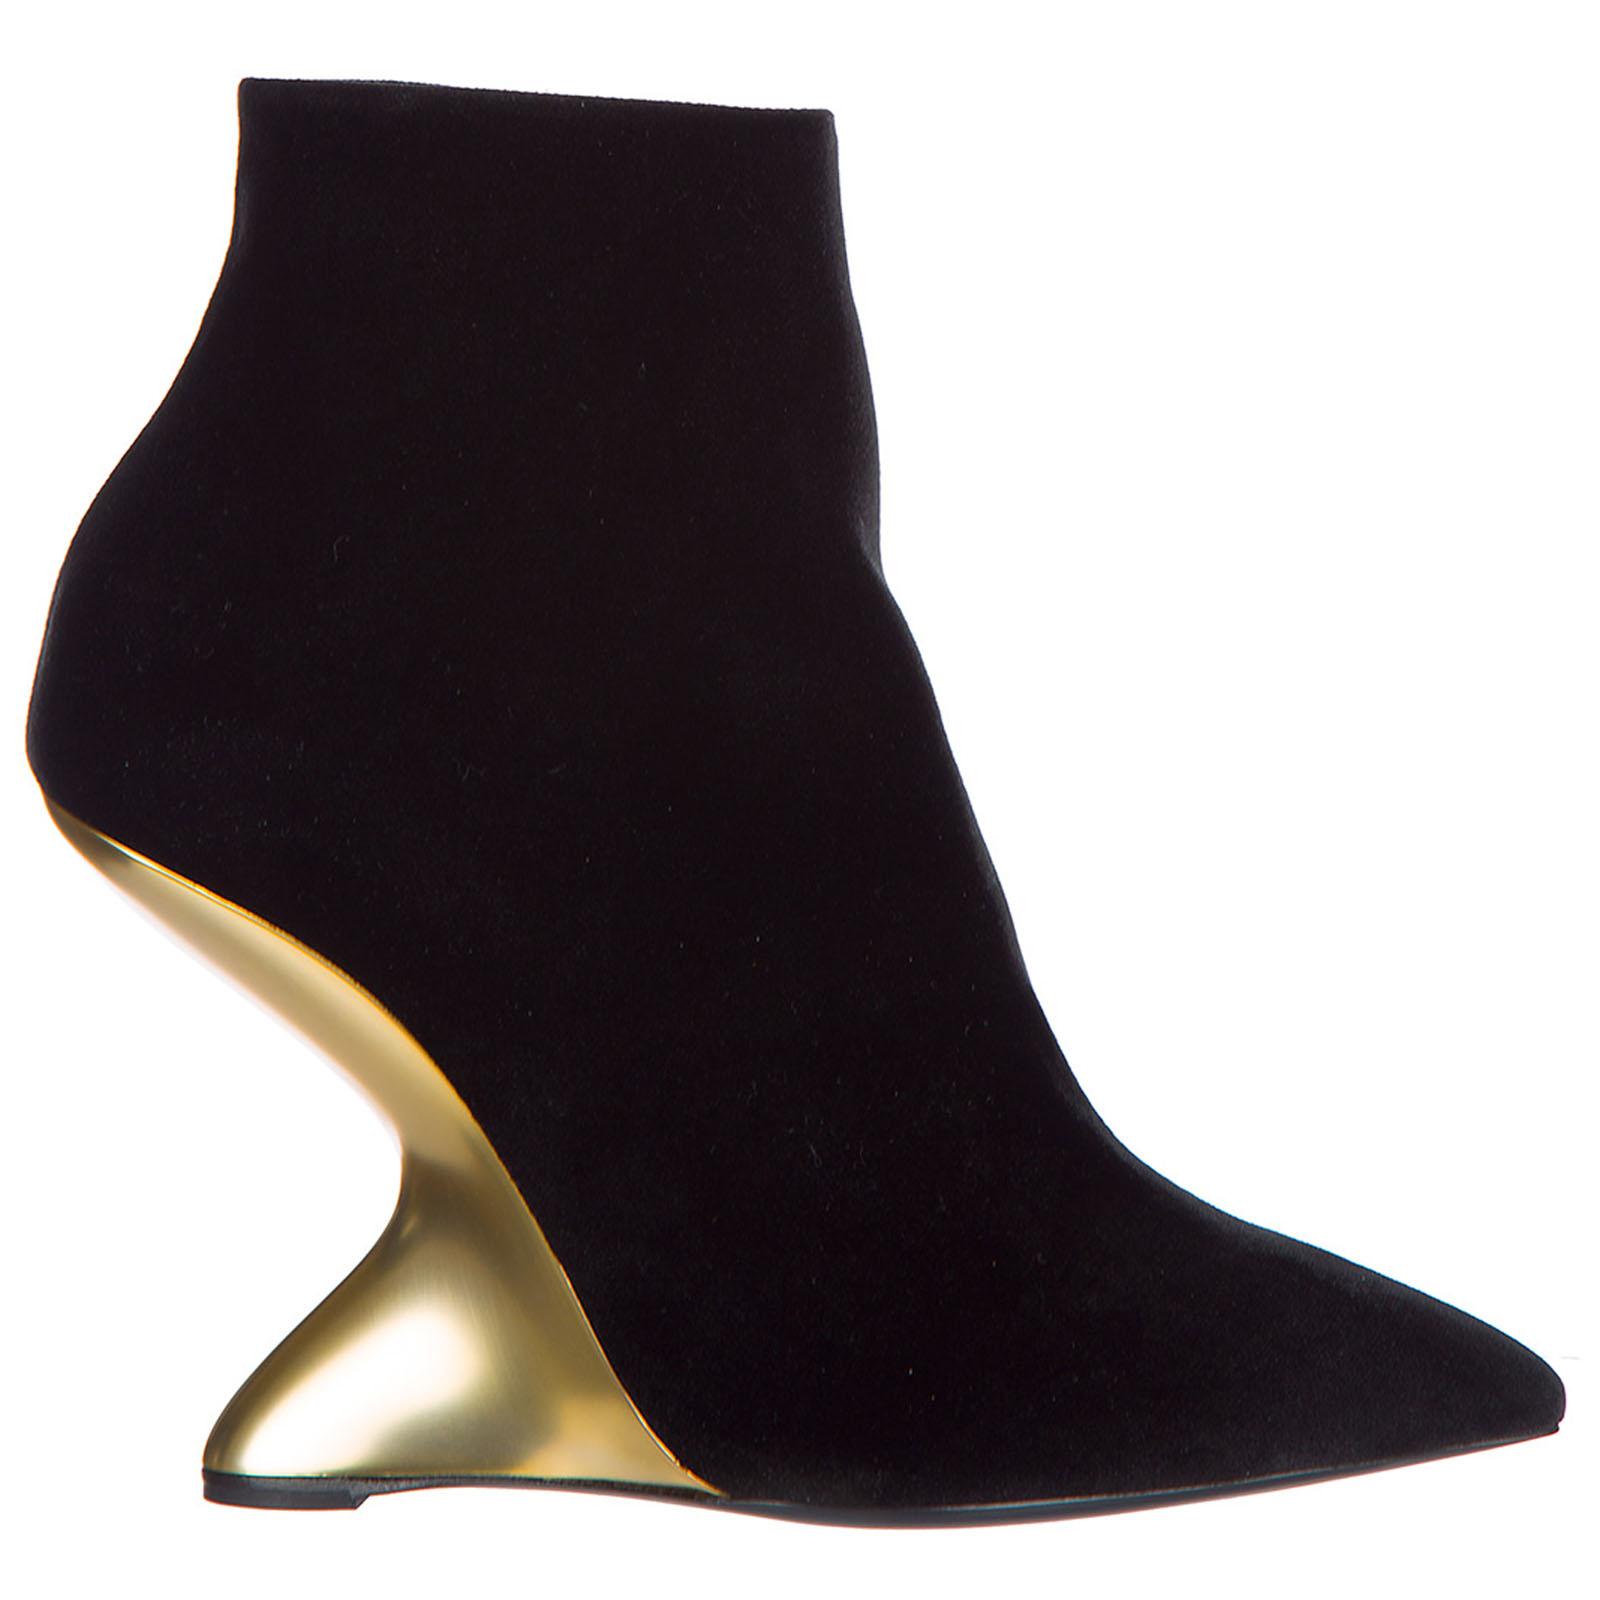 Stivaletti stivali donna con tacco in pelle bolgheriv